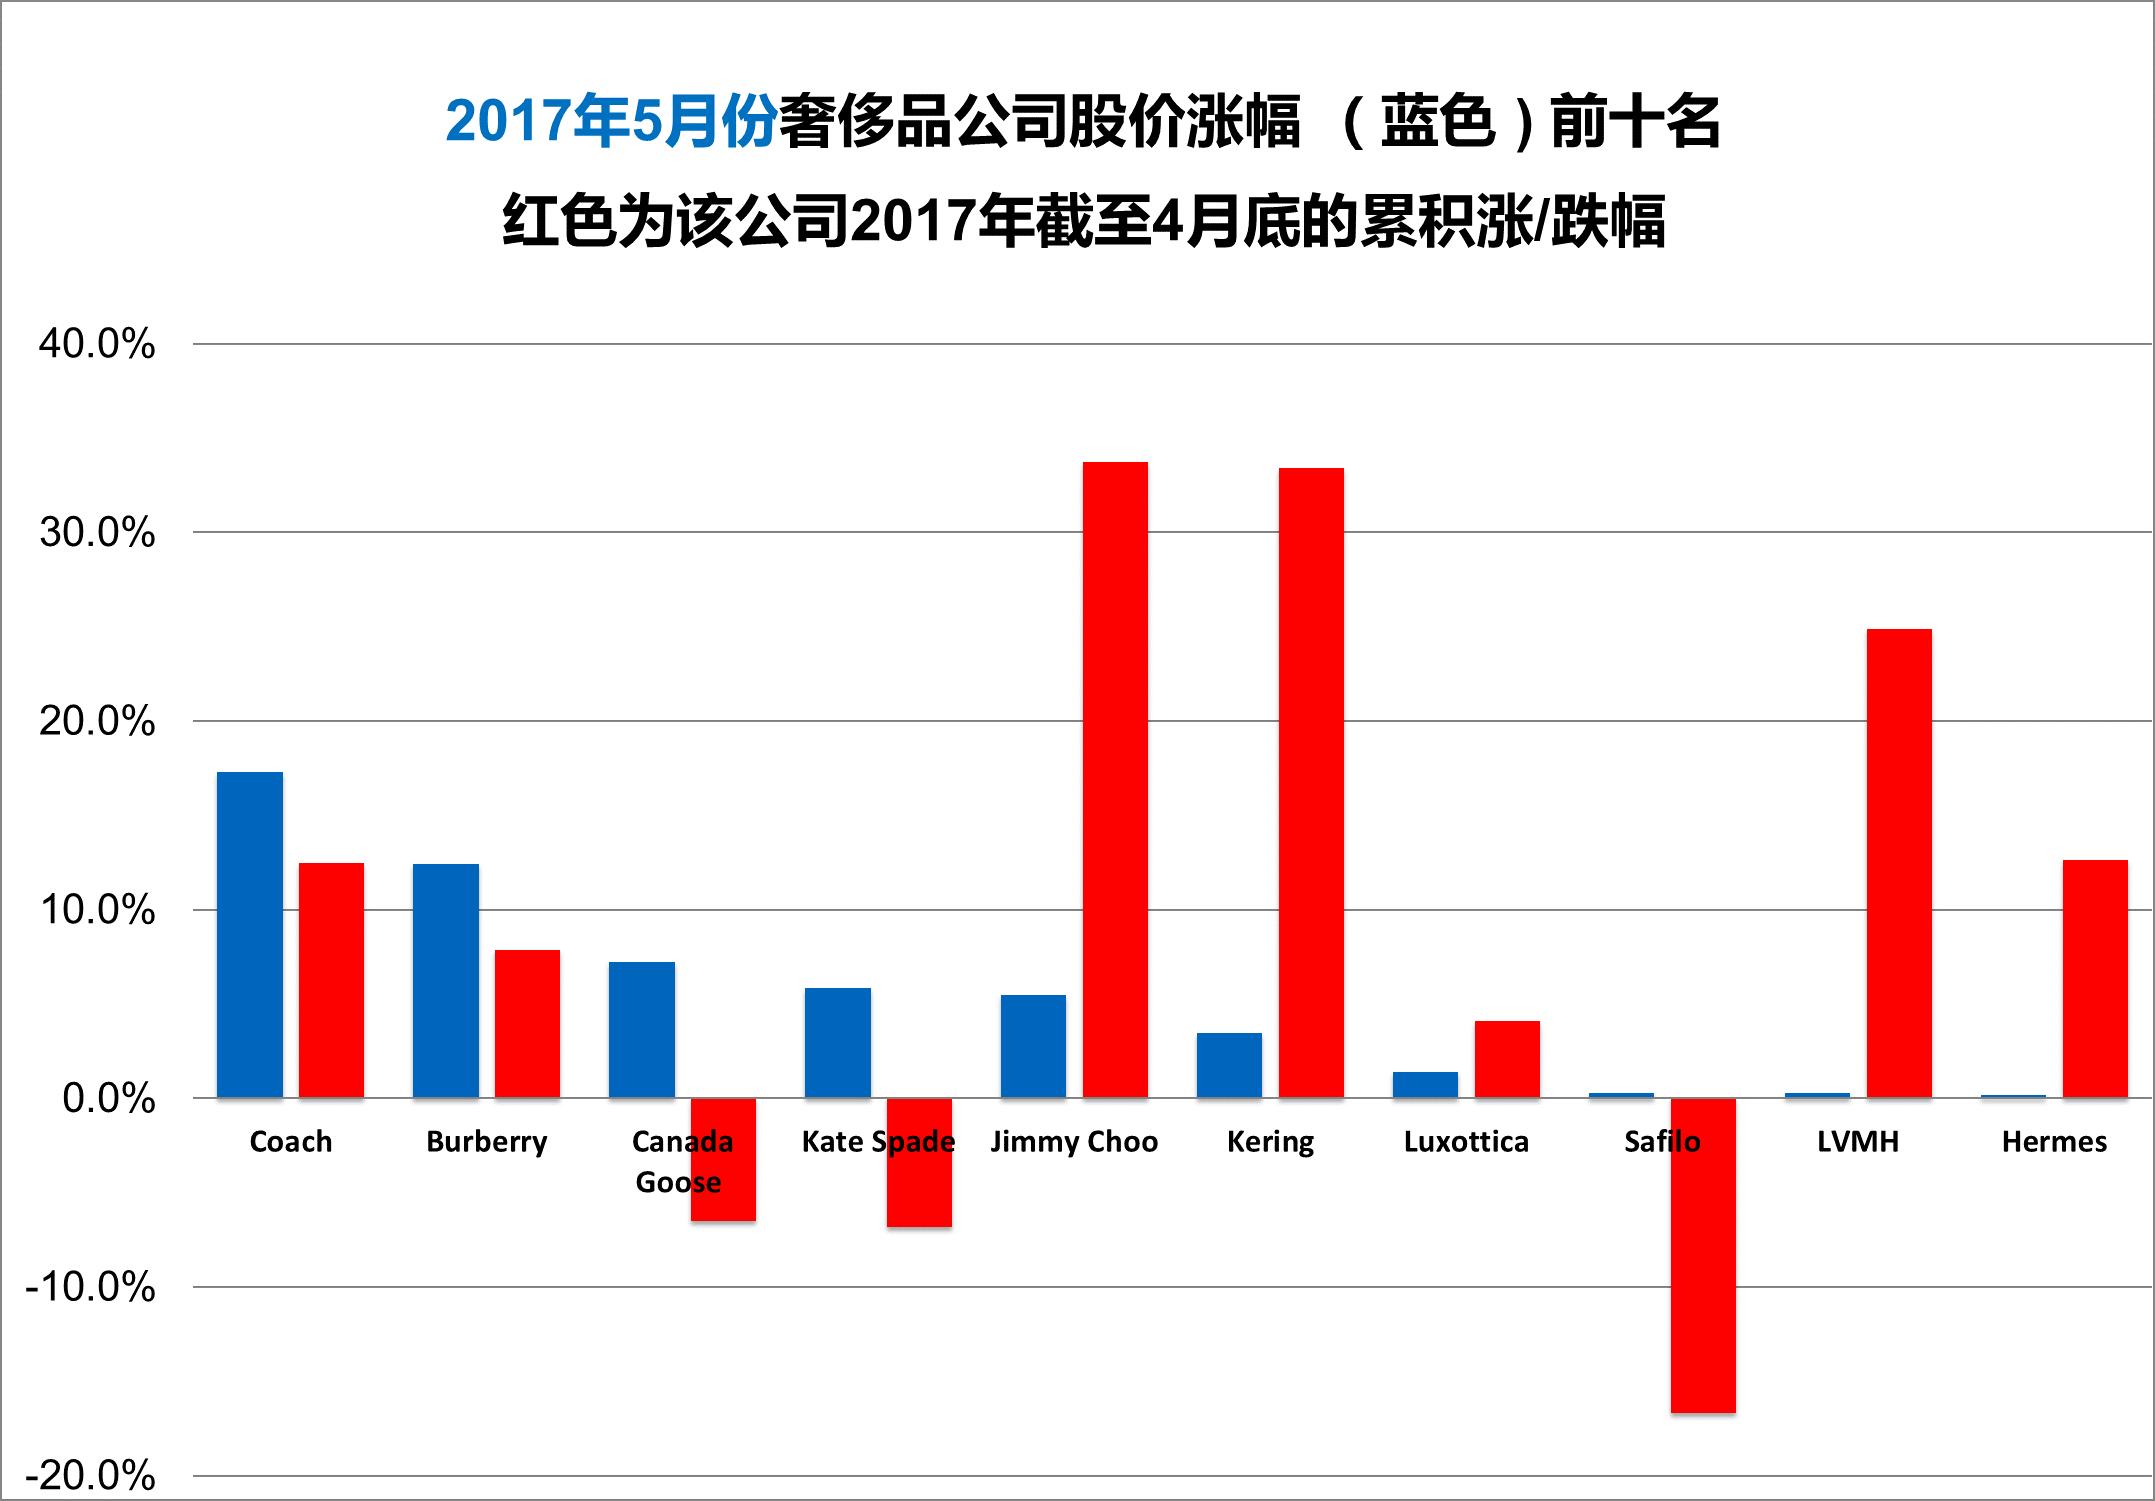 《华丽志》奢侈品股票月度排行榜(2017年5月)